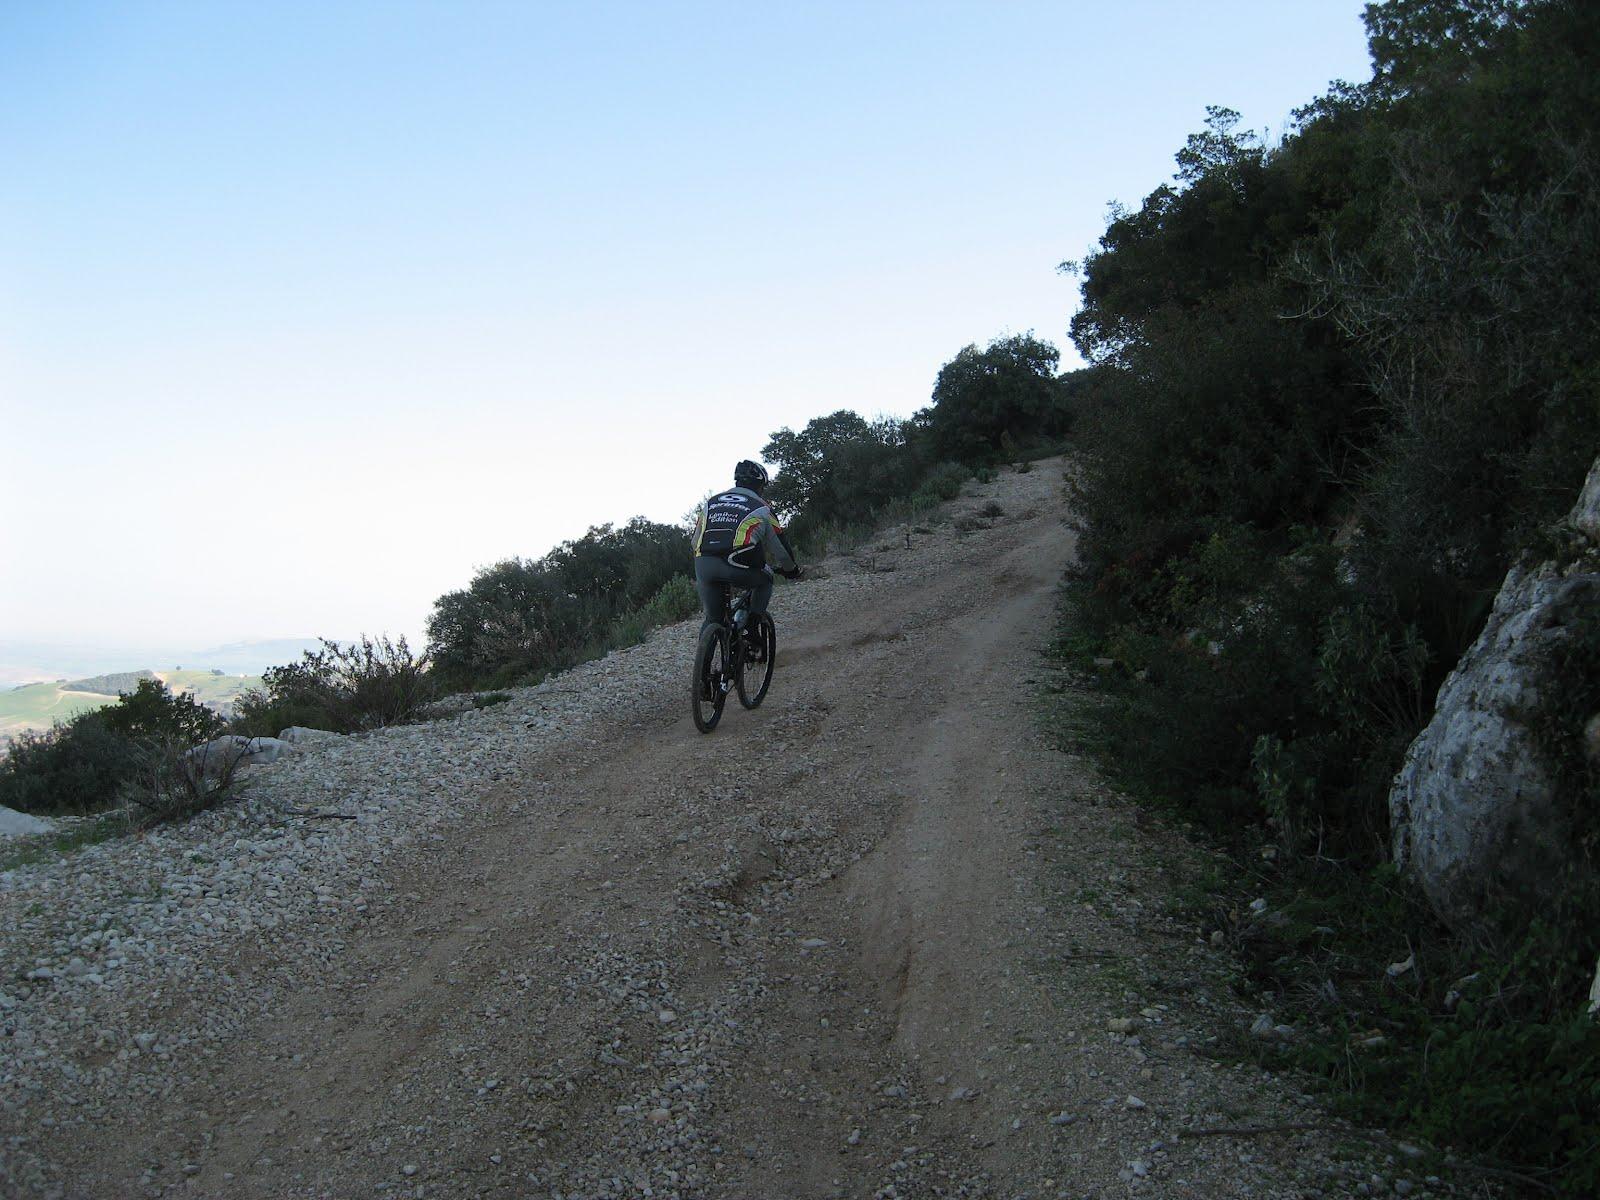 sitio sitio de citas Garganta profunda en Jerez de la Frontera